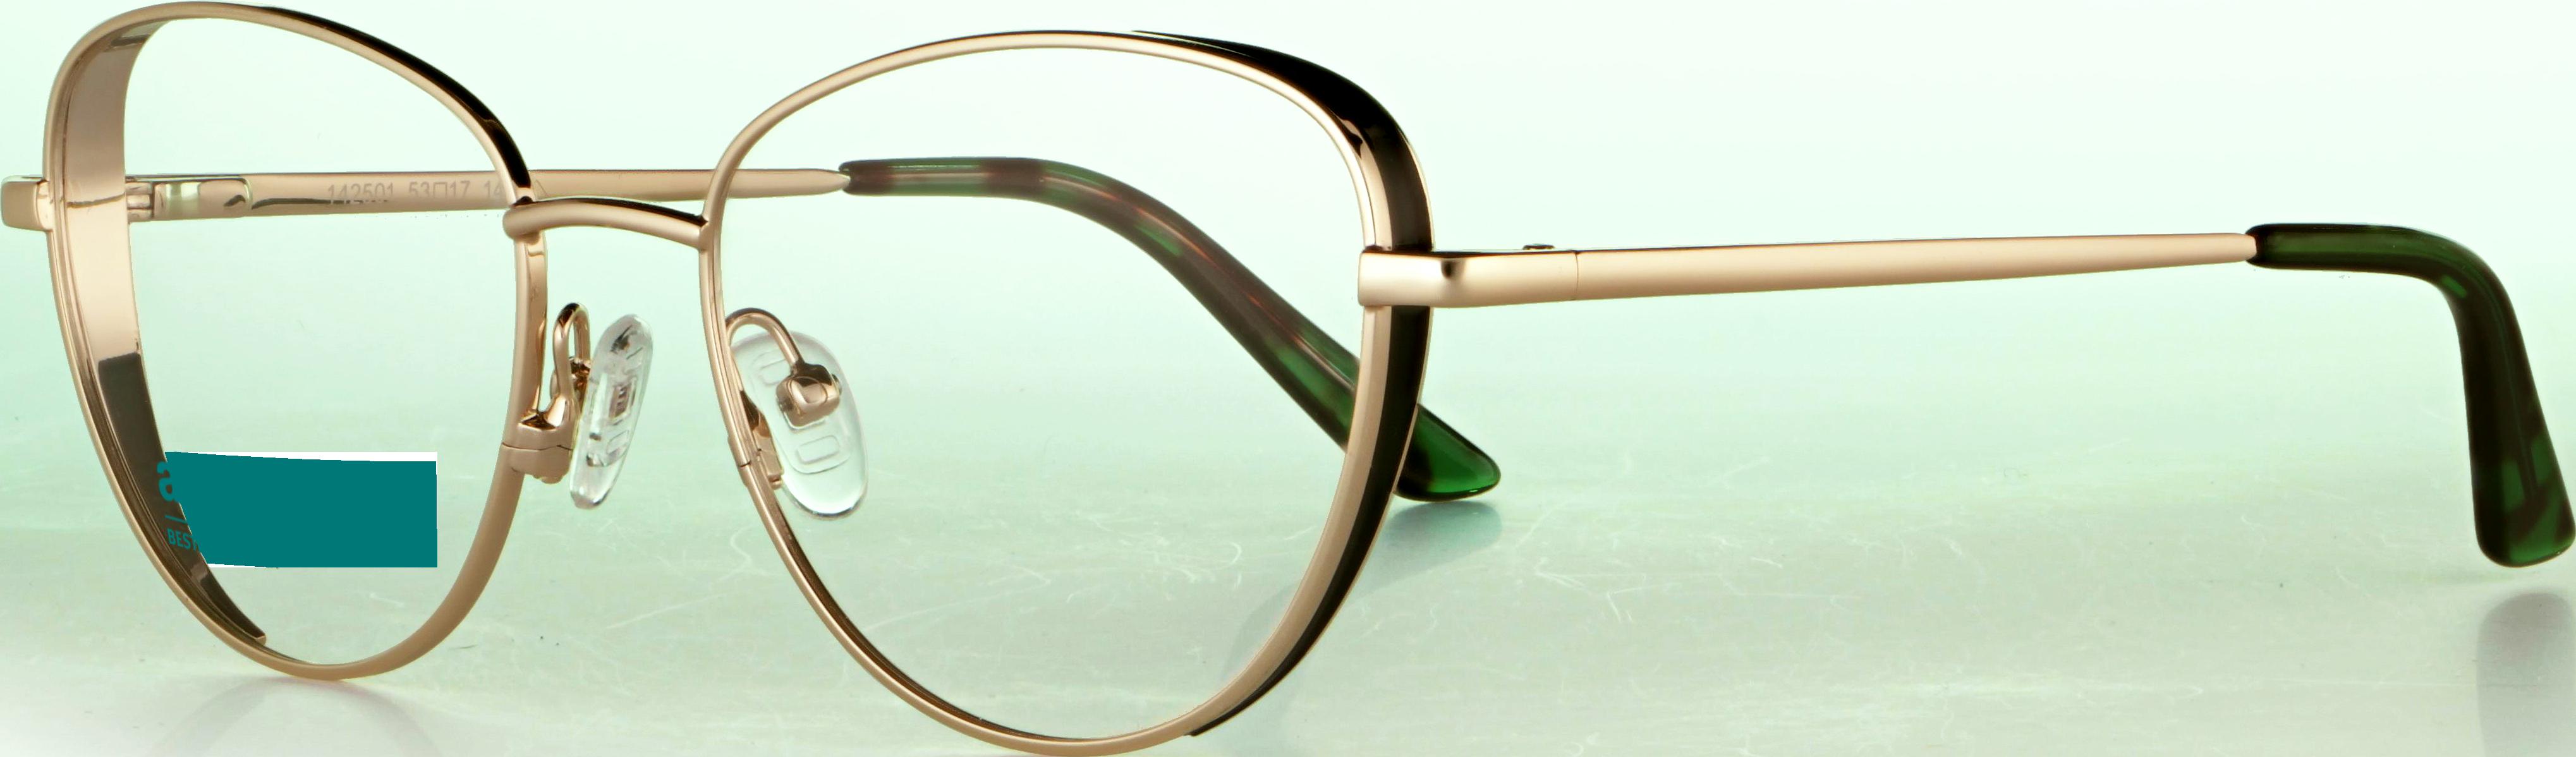 abele optik Brille 142501